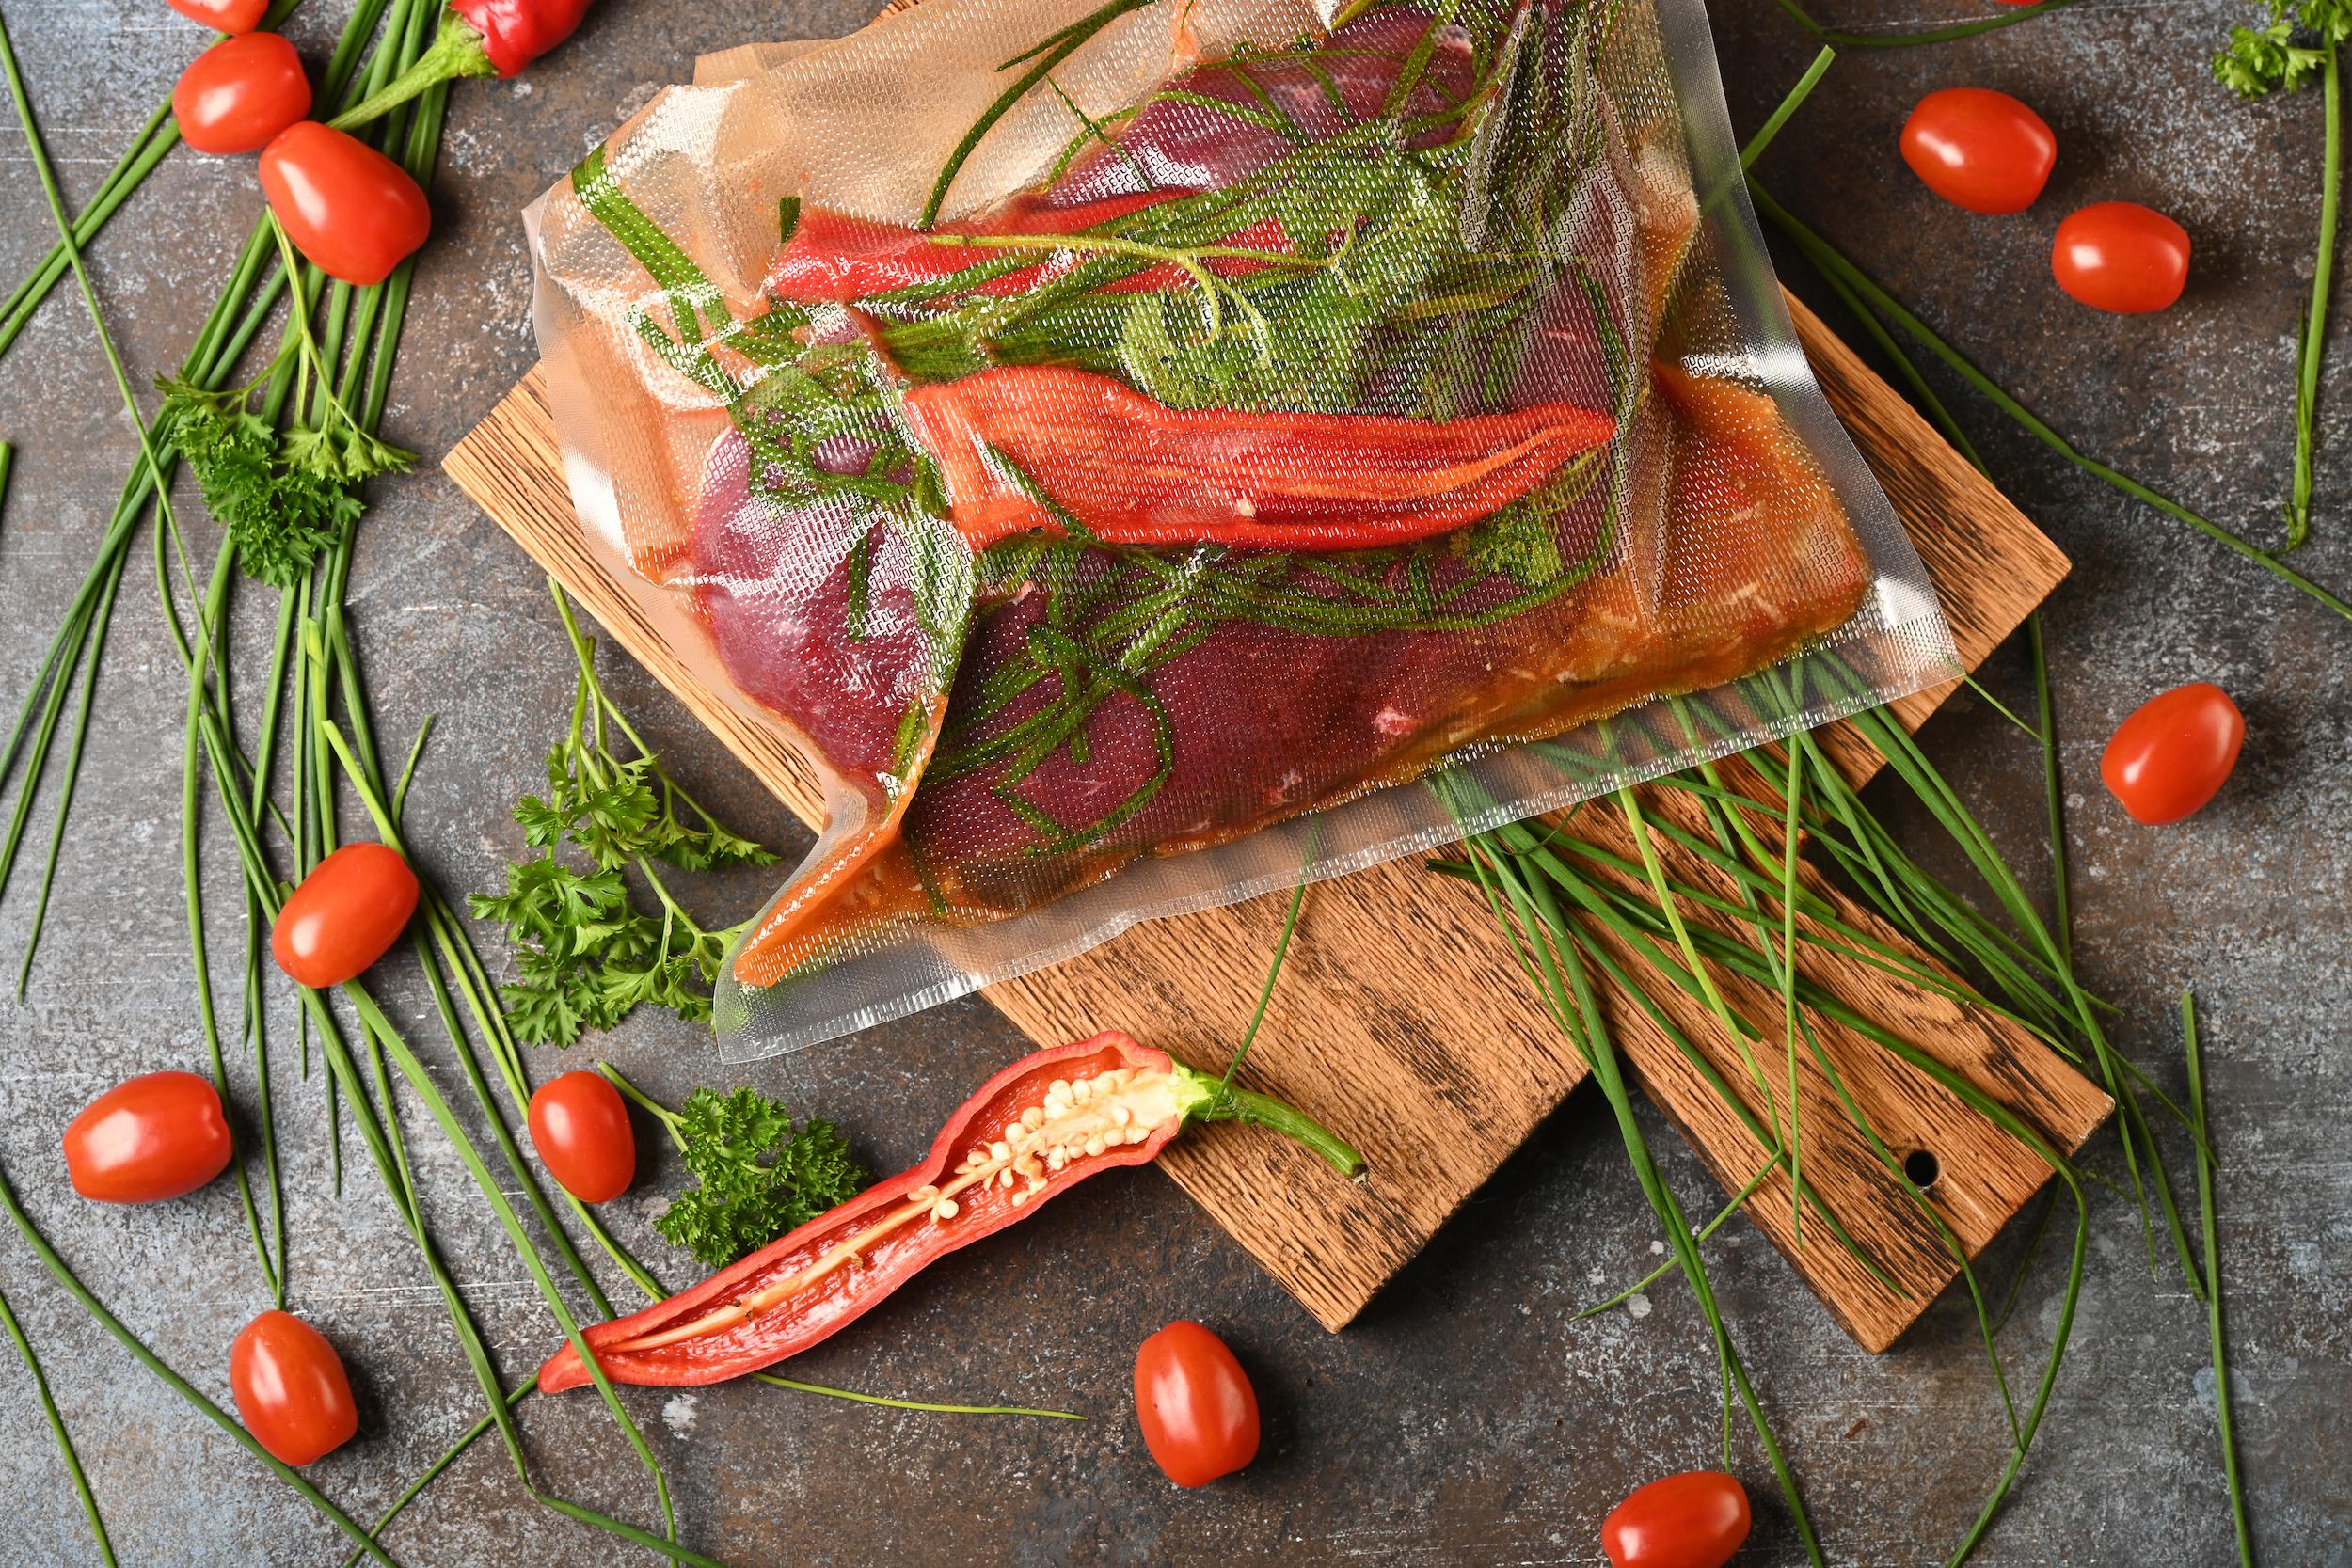 Fleisch, Kräuter und rote Spitzpaprika vakuumverschweißt für sous-vide-Zubereitung.